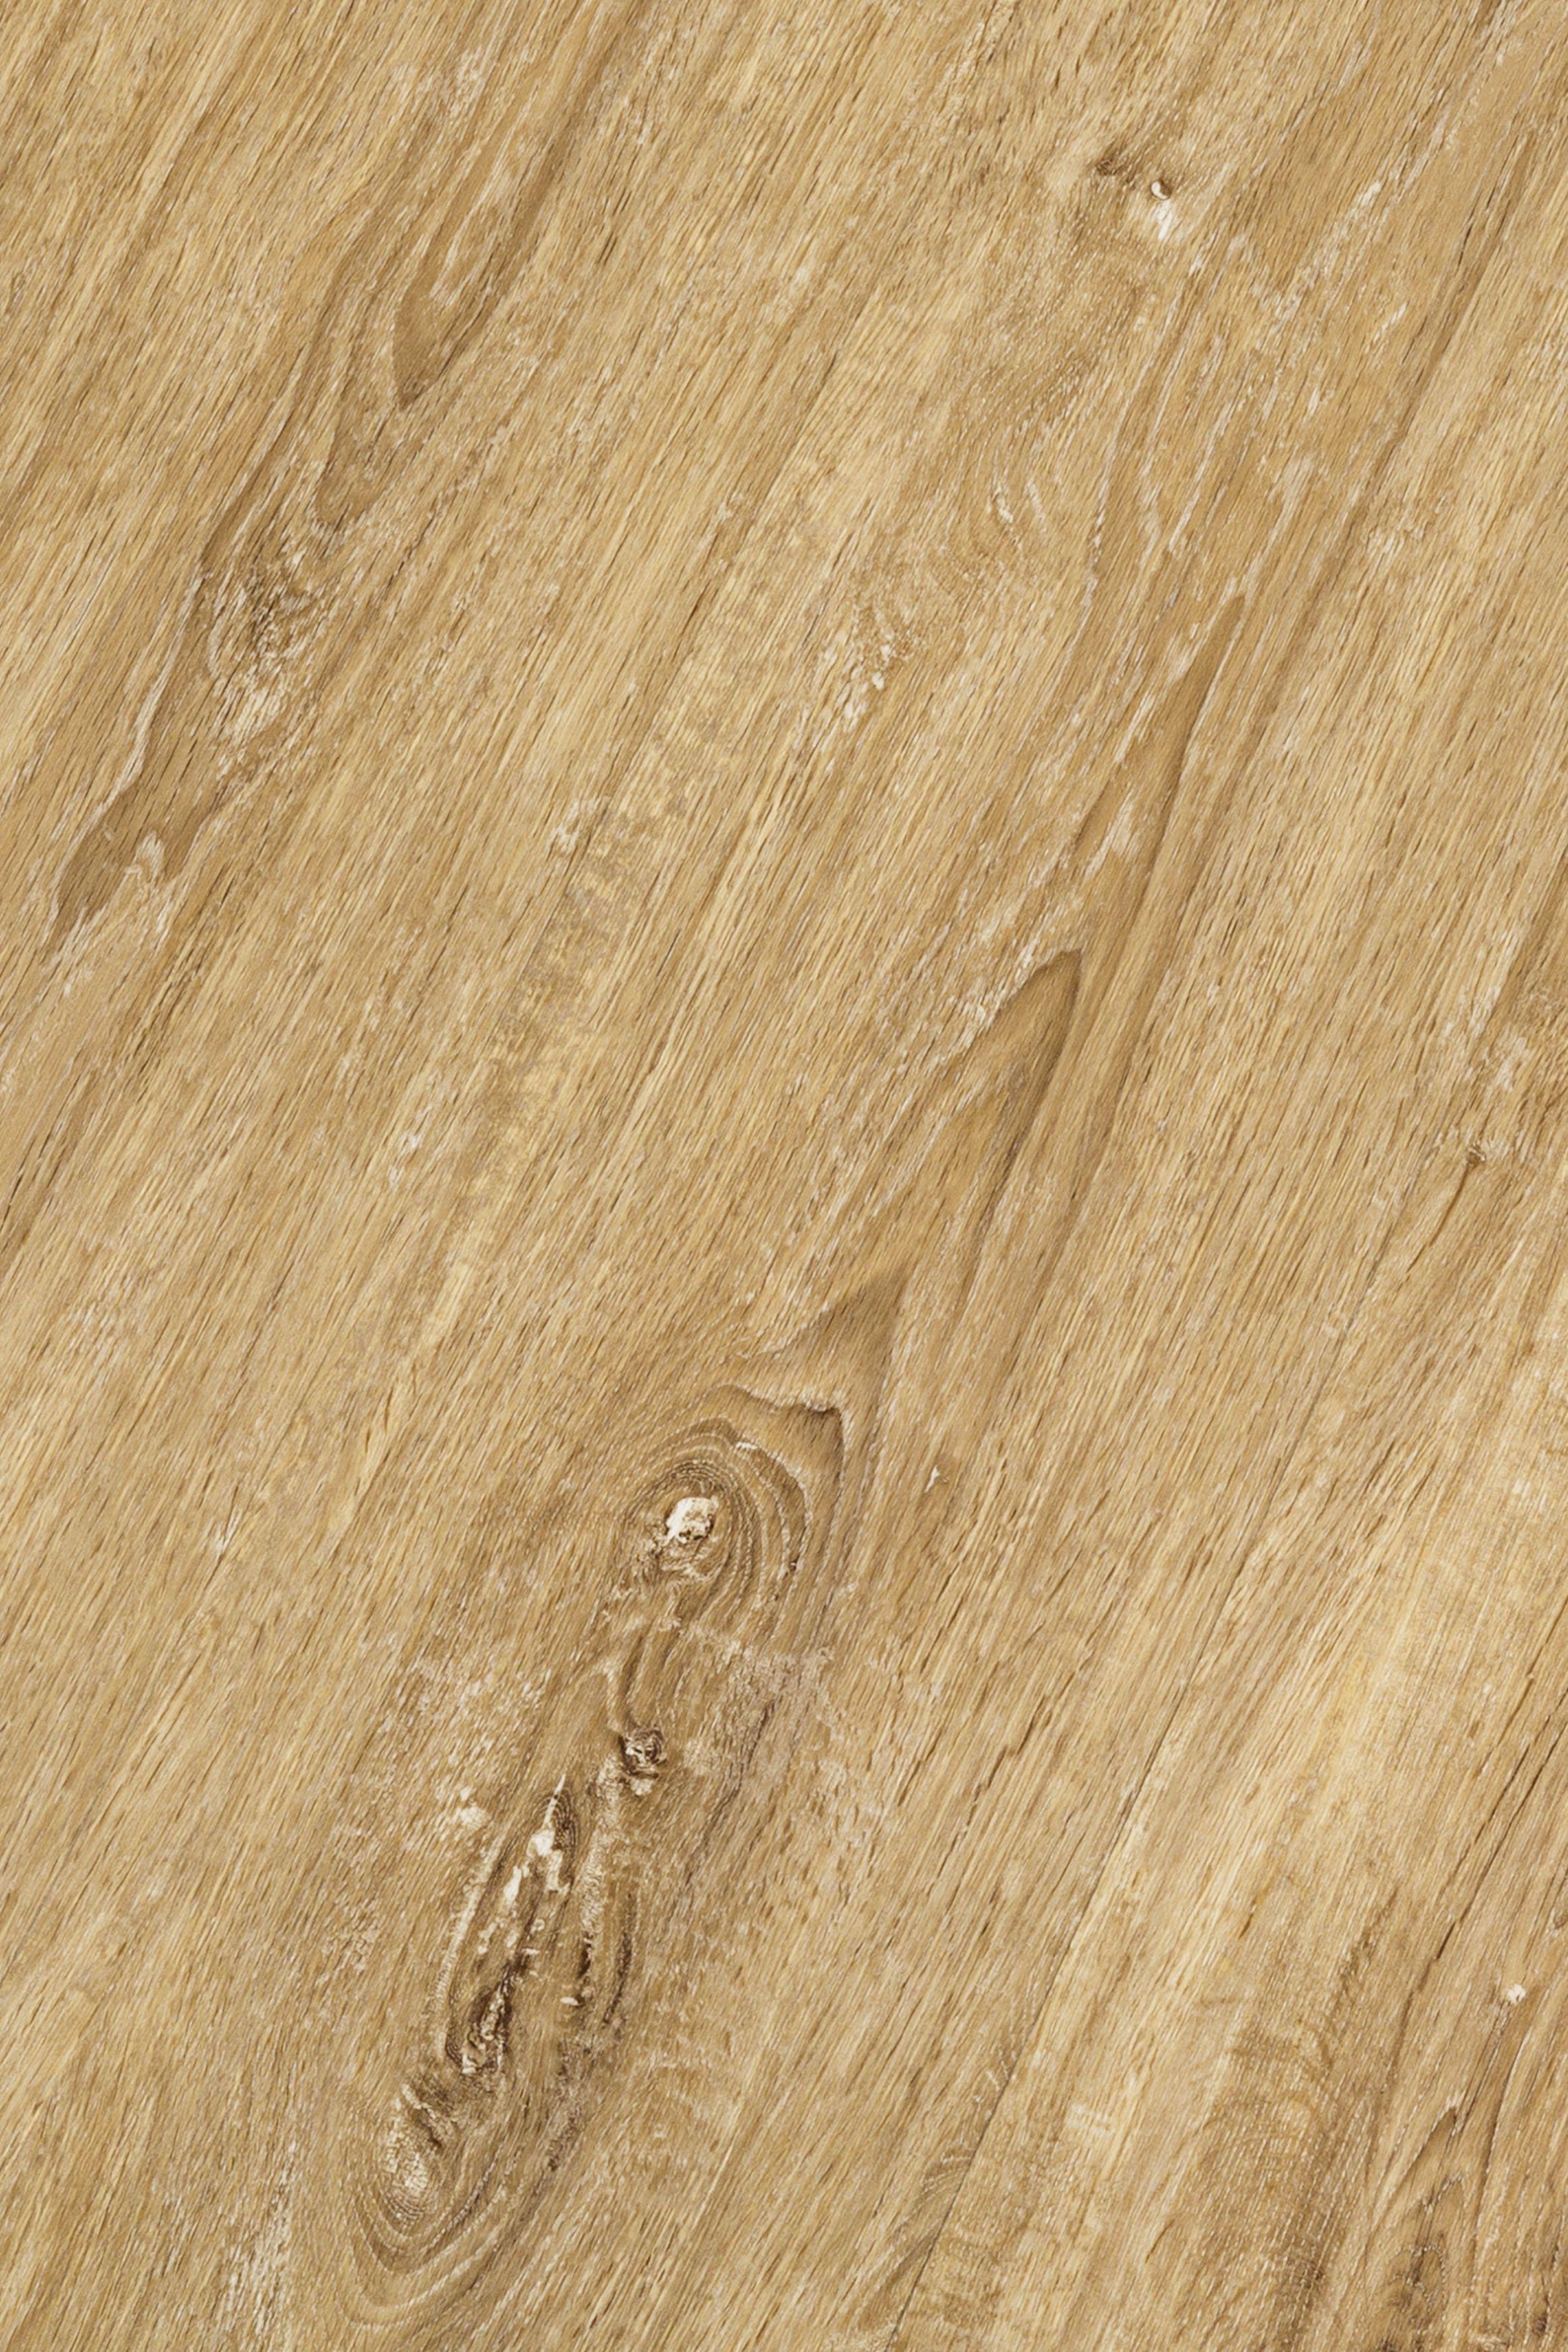 08.020 vinylboden eiche gekalkt | vinylböden | pinterest